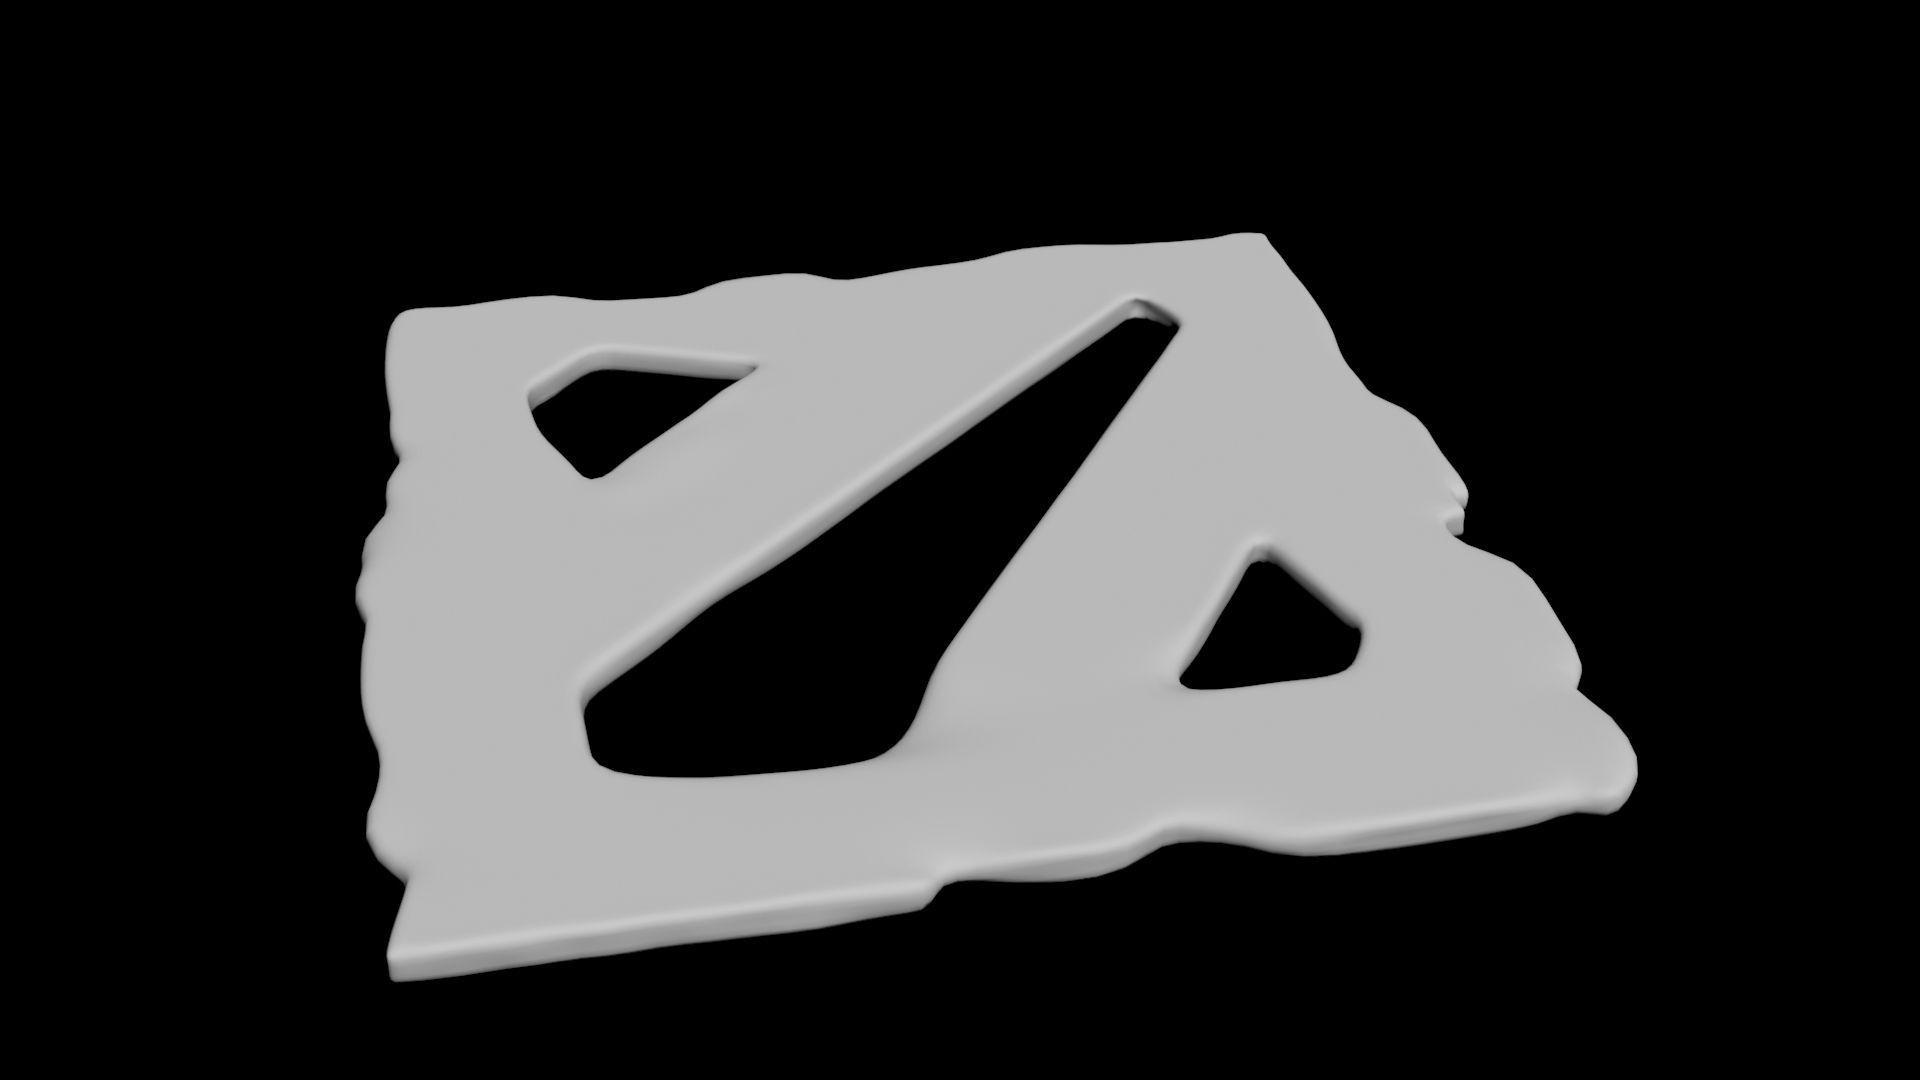 Dota 2 Icon Printable 3D Model 3D printable OBJ | CGTrader.com